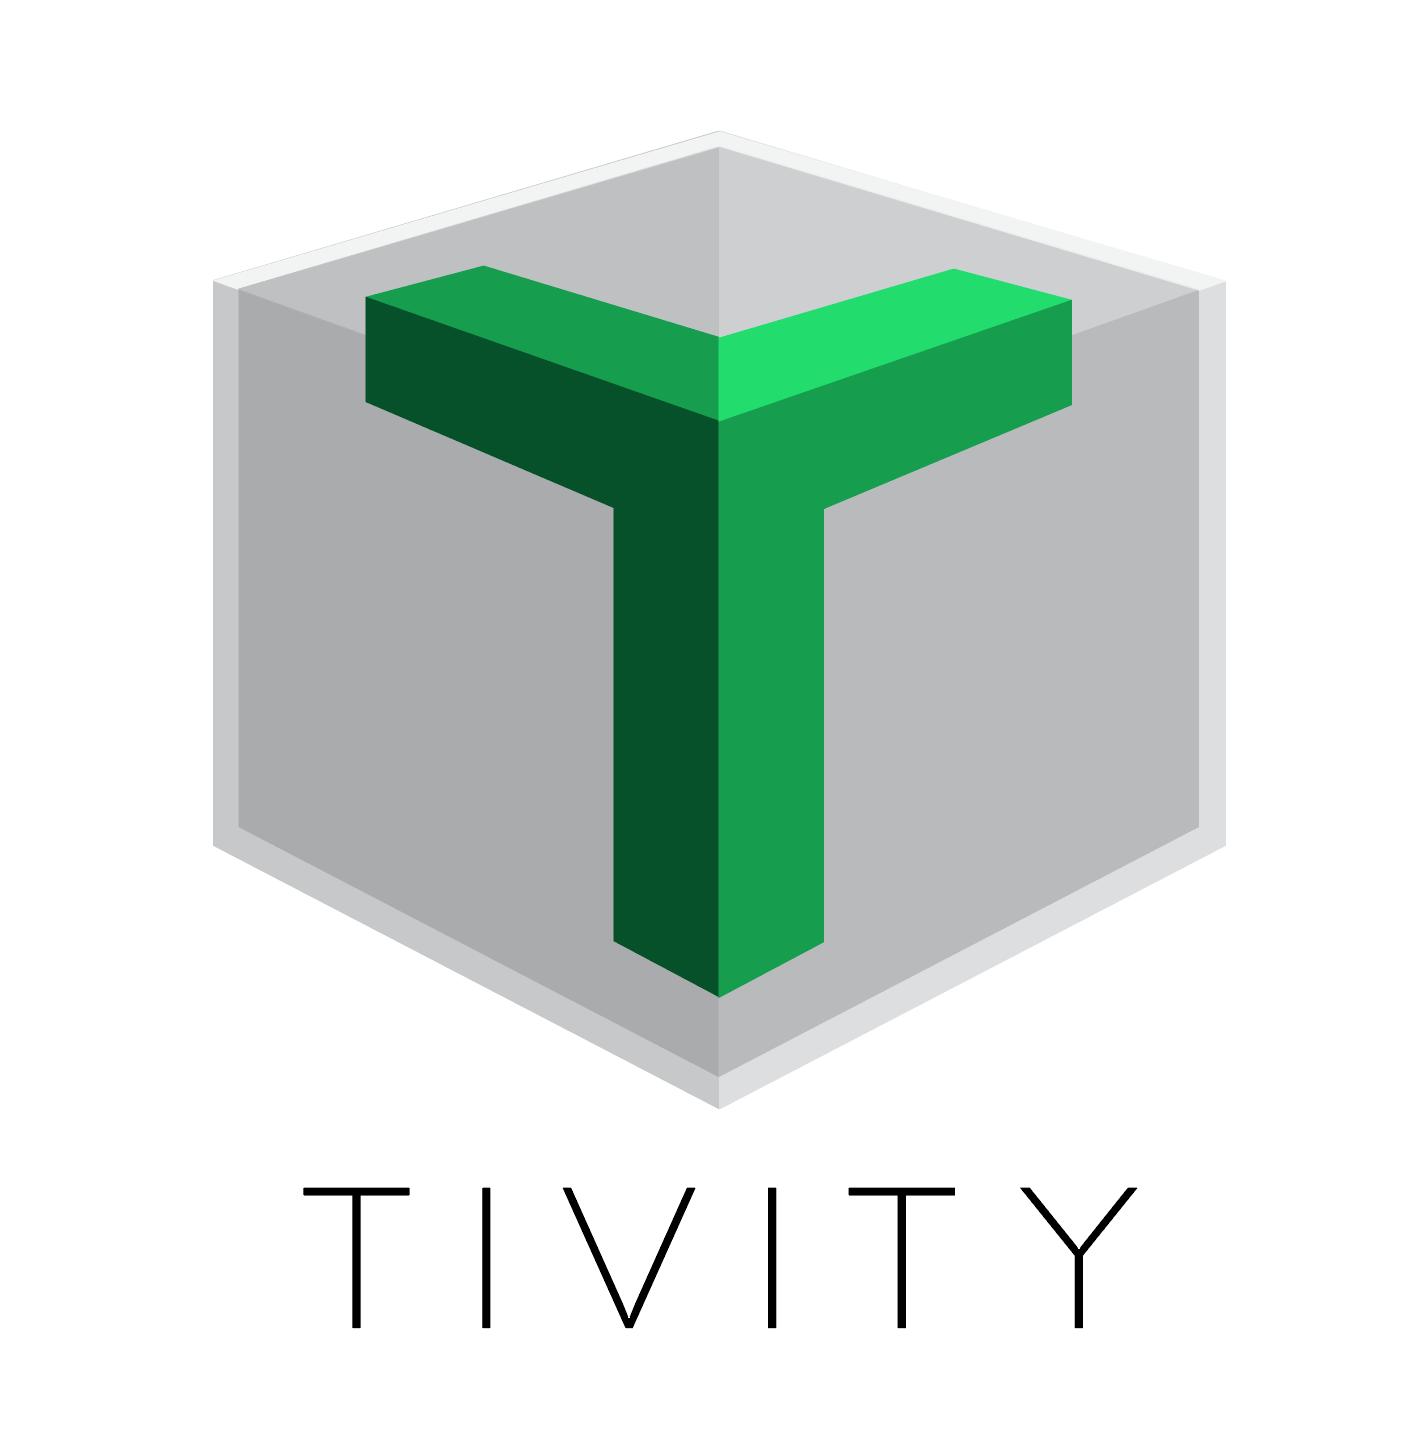 Tivity, a chatbot developer